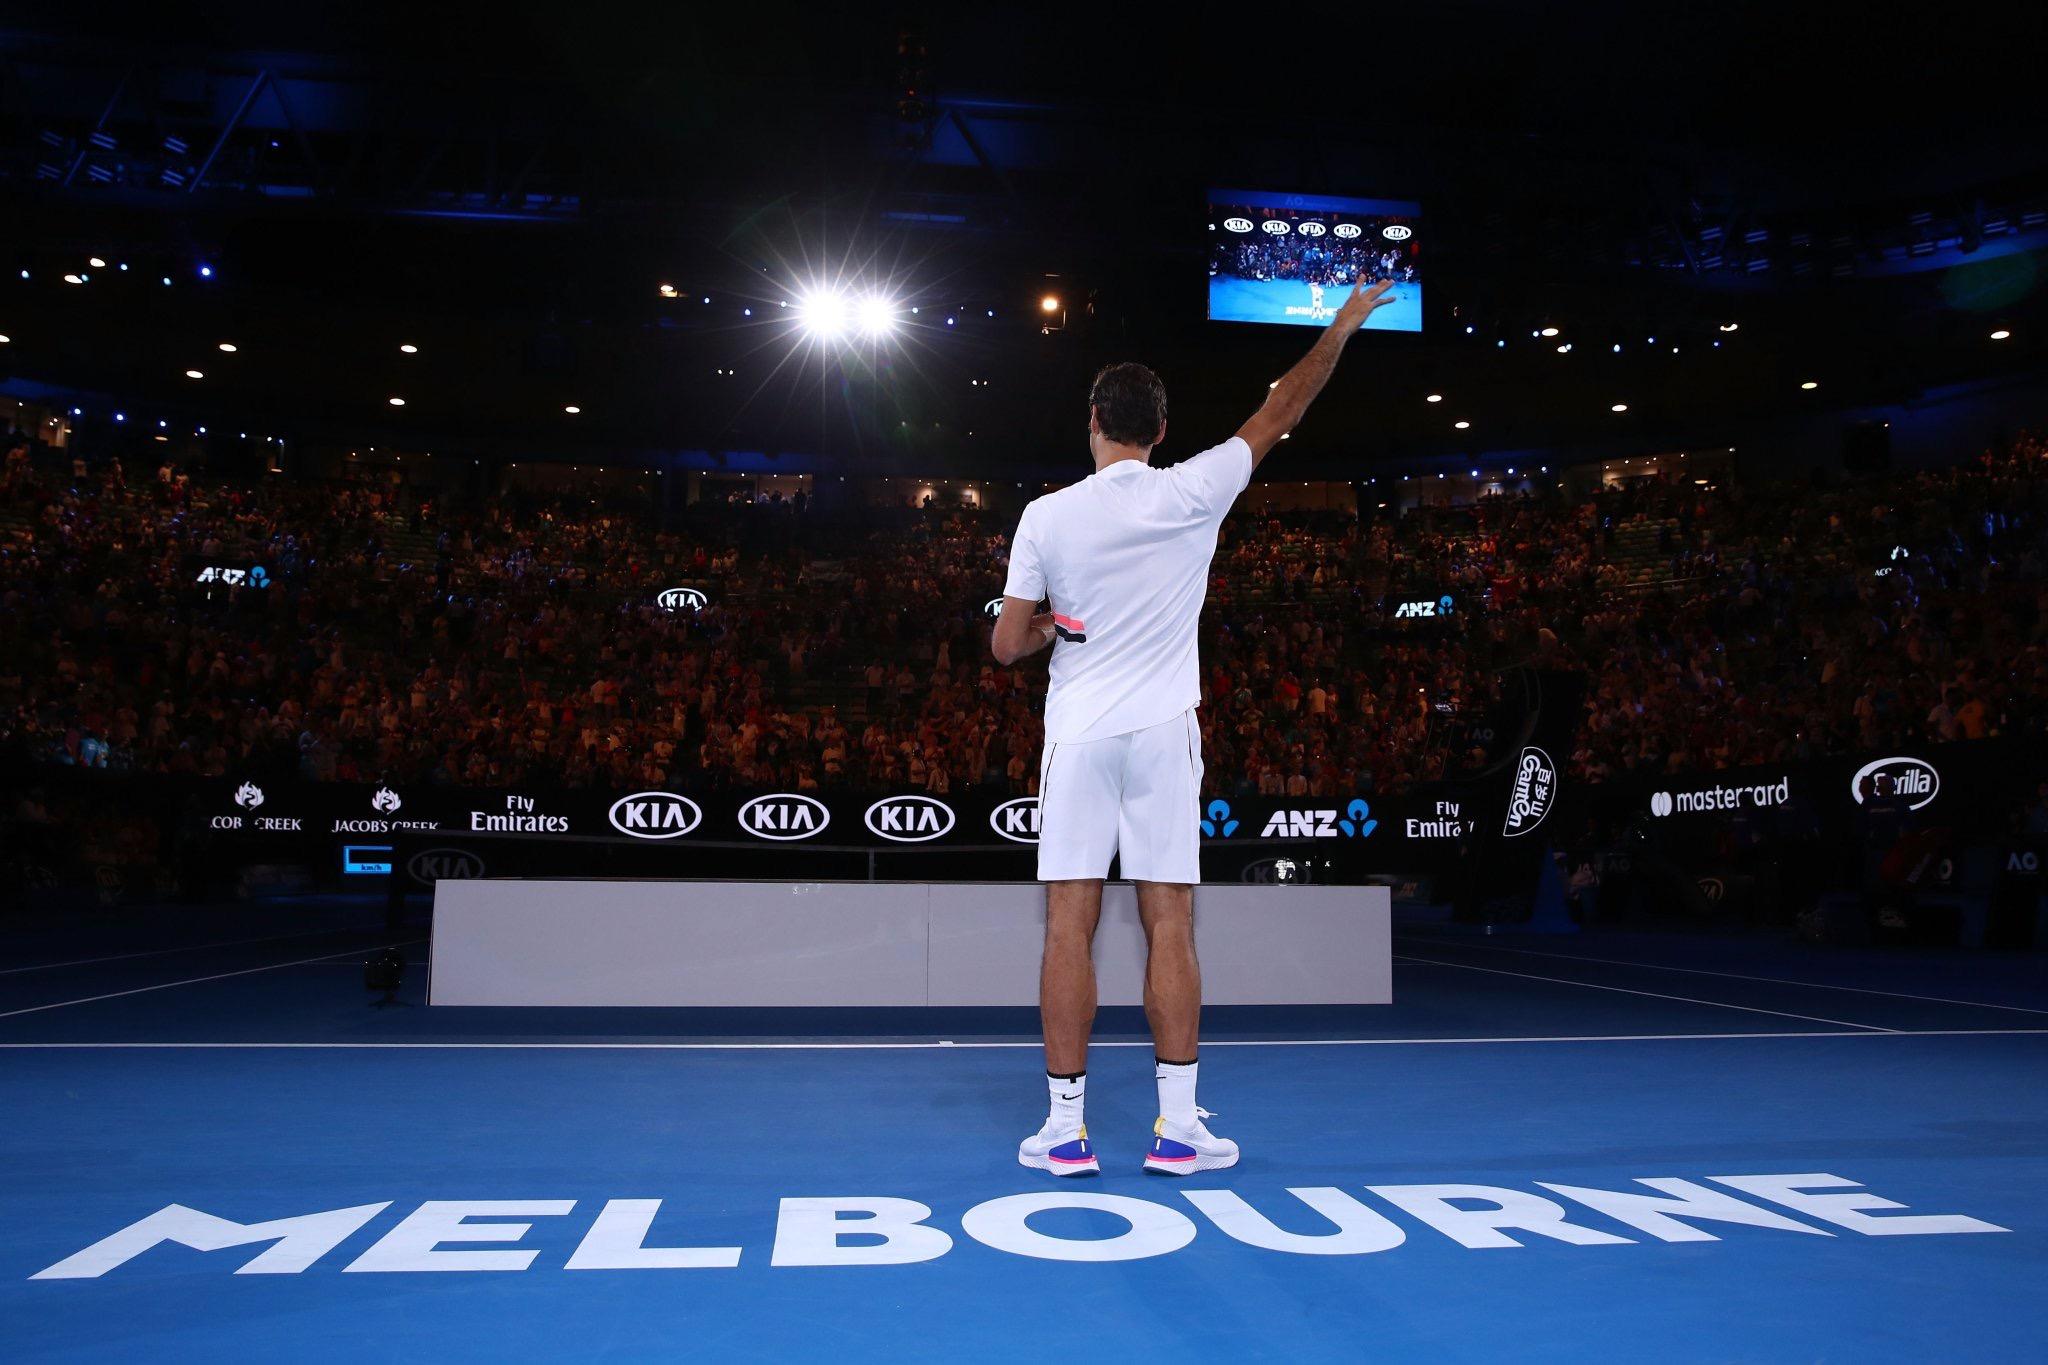 Roger Federer 2018 Australian Open - Federer Wins 20th Grand Slam Title